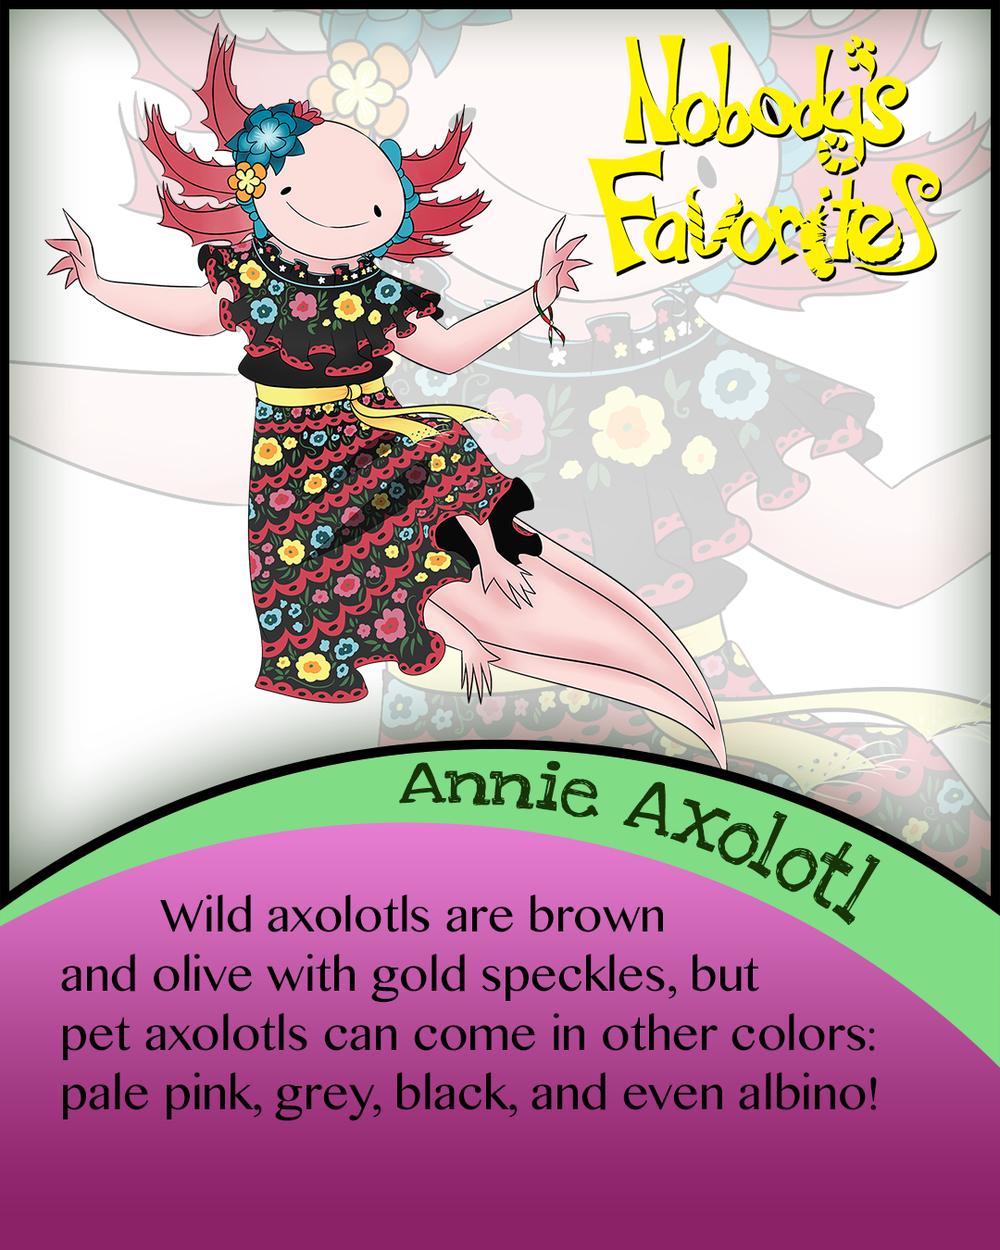 Annie Axolotl - Fact 4